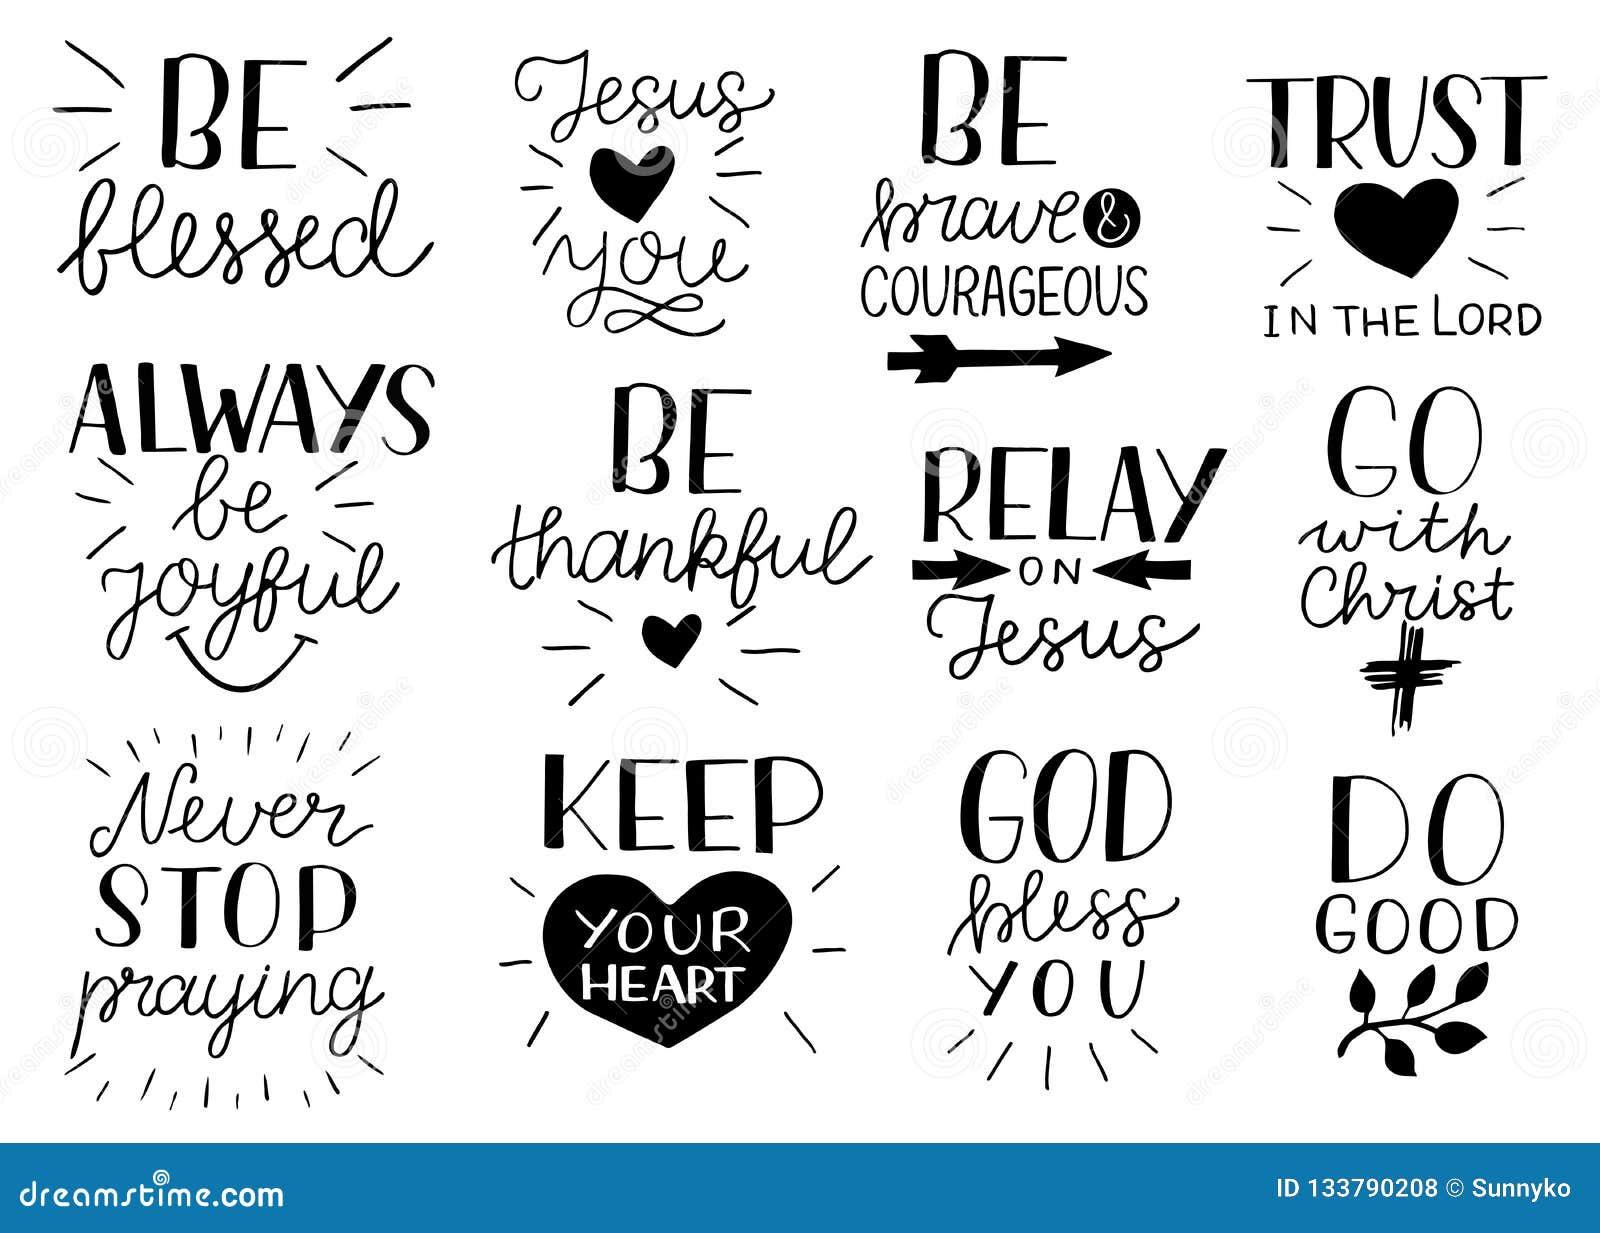 在基督徒行情上写字的设置12手是强和勇敢的 耶稣爱您 去与基督做好 不要停止